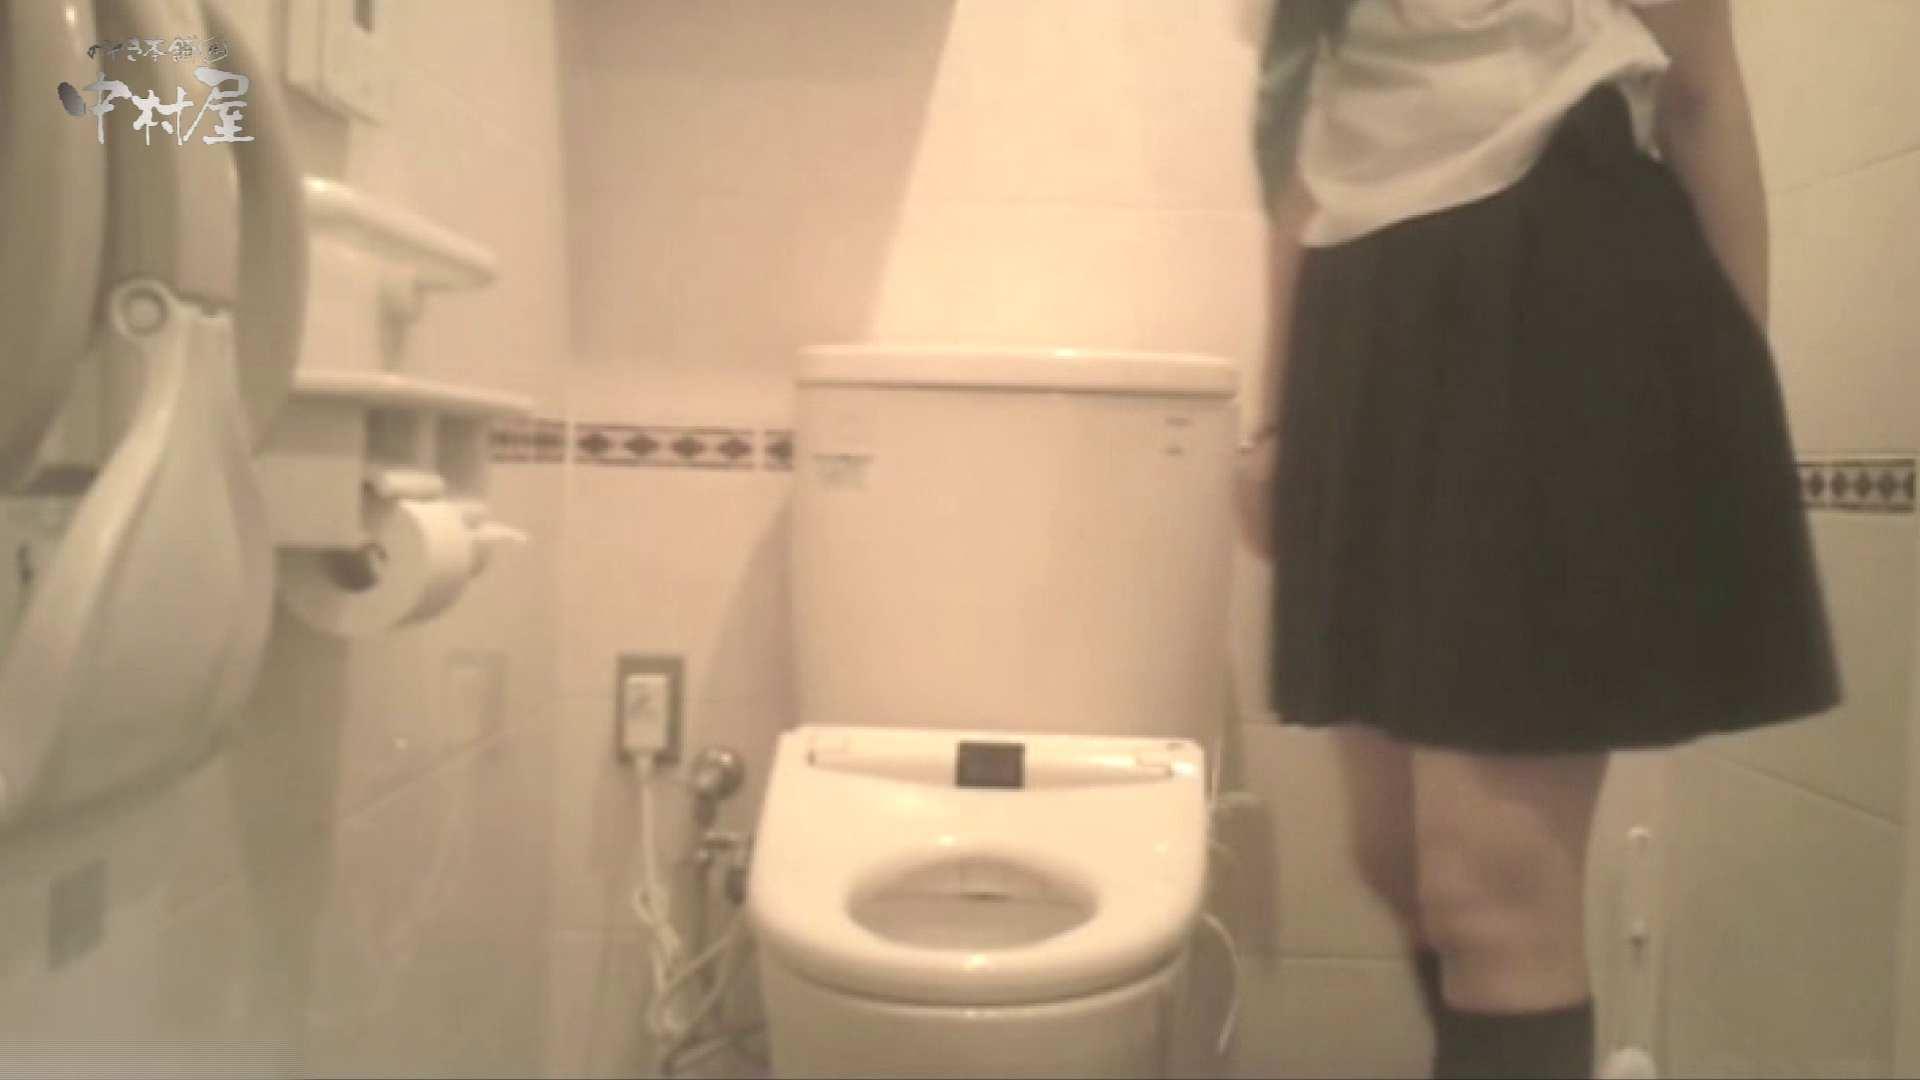 ティーンガールのトイレ覗き‼vol.25 お姉さんのエロ動画 | 女子大生のエロ動画  106PIX 7